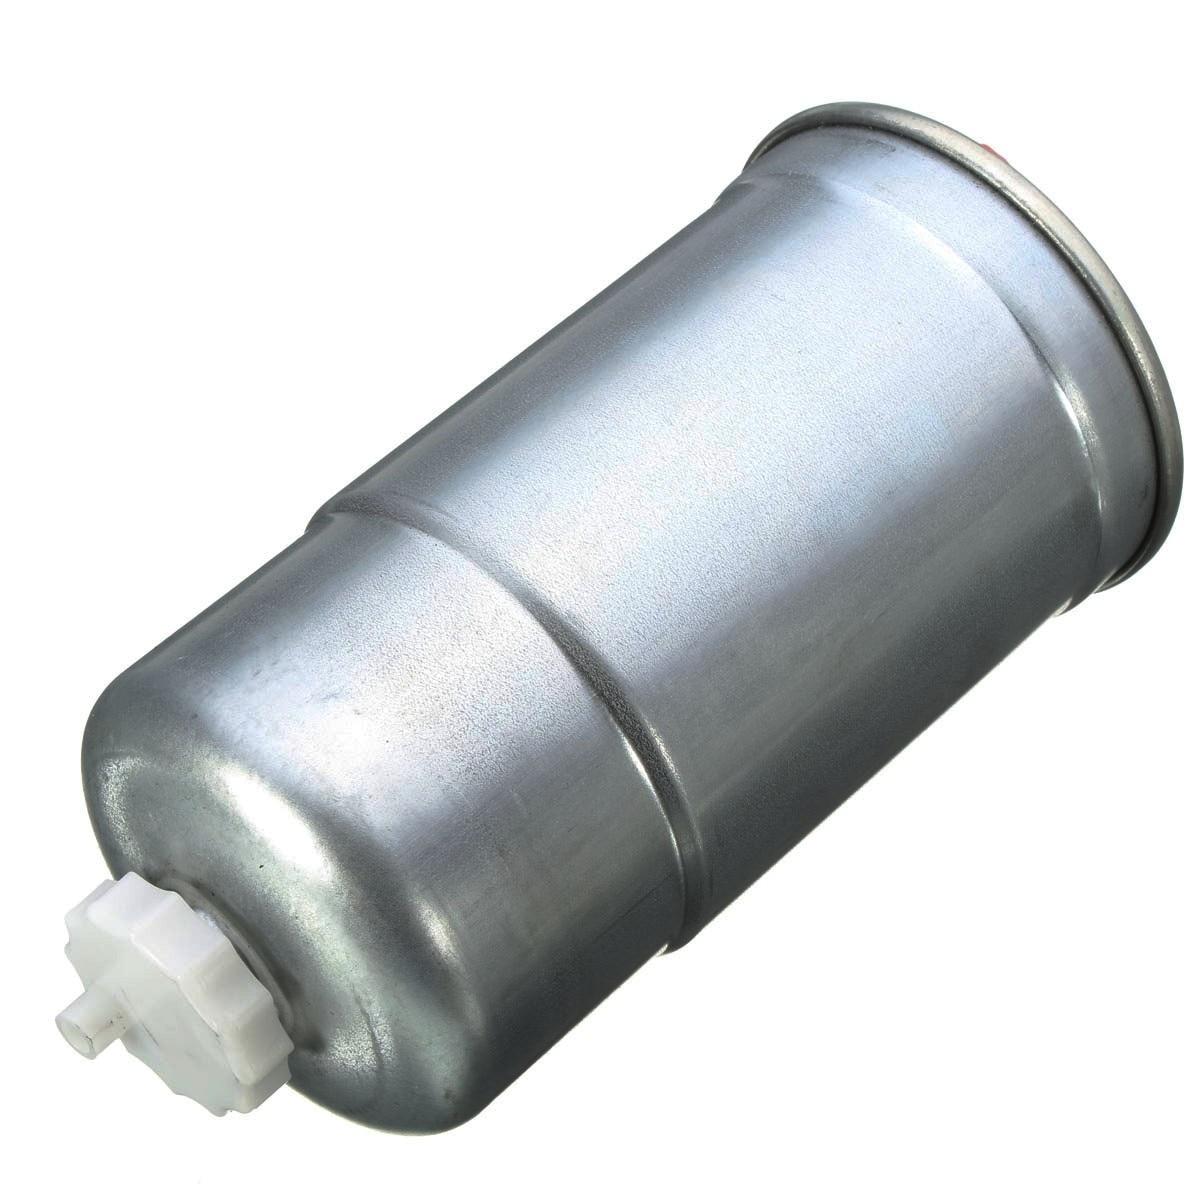 WRG-9424] Vw Jetta Fuel Filter Repment